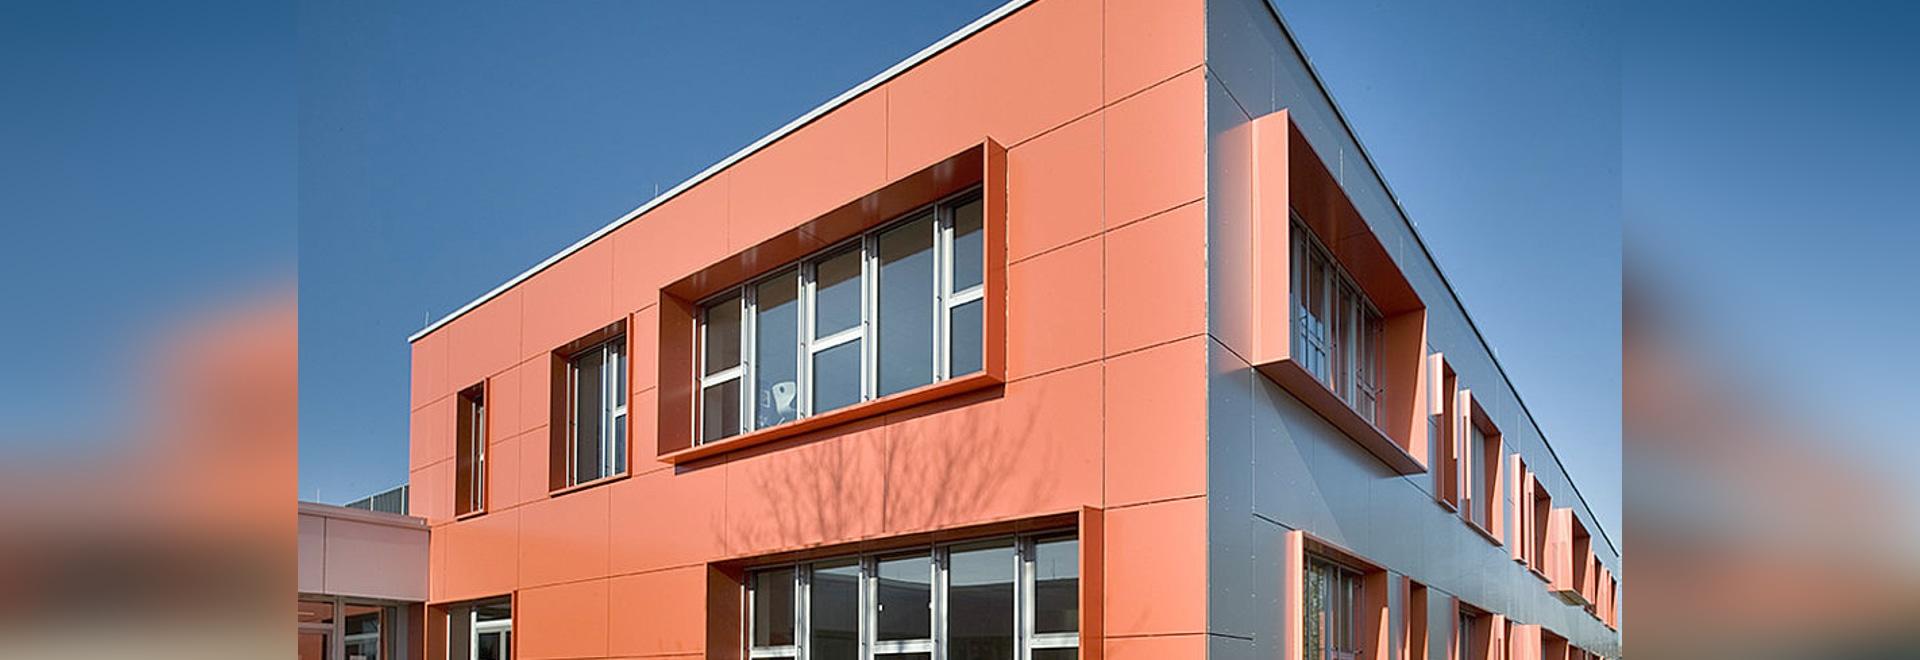 College Wilhelm Leuschner – Energetische und visuelle Sanierung mit Reynobond Aluminium-Verbundplatten